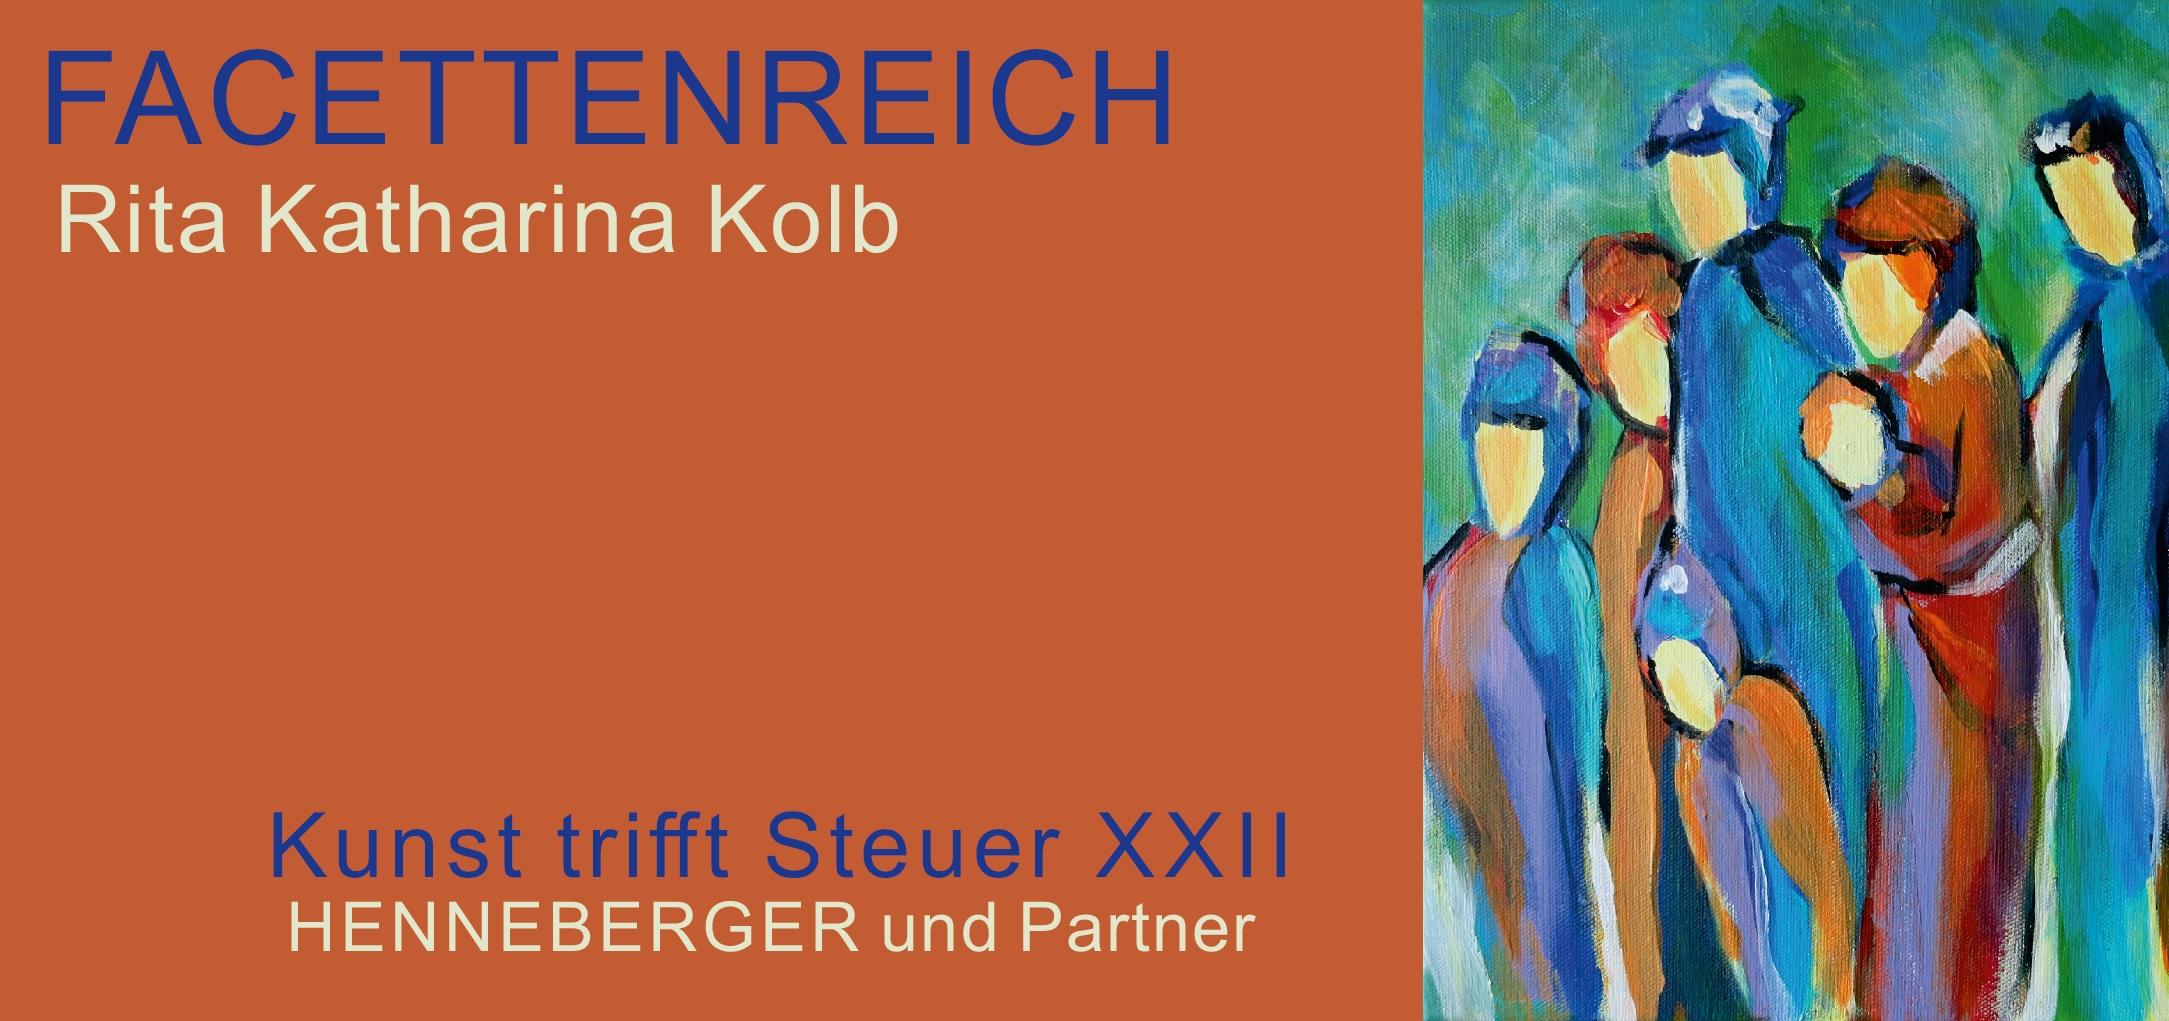 Kunst trifft Steuer - Facettenreich mit Rita Katharina Kolb